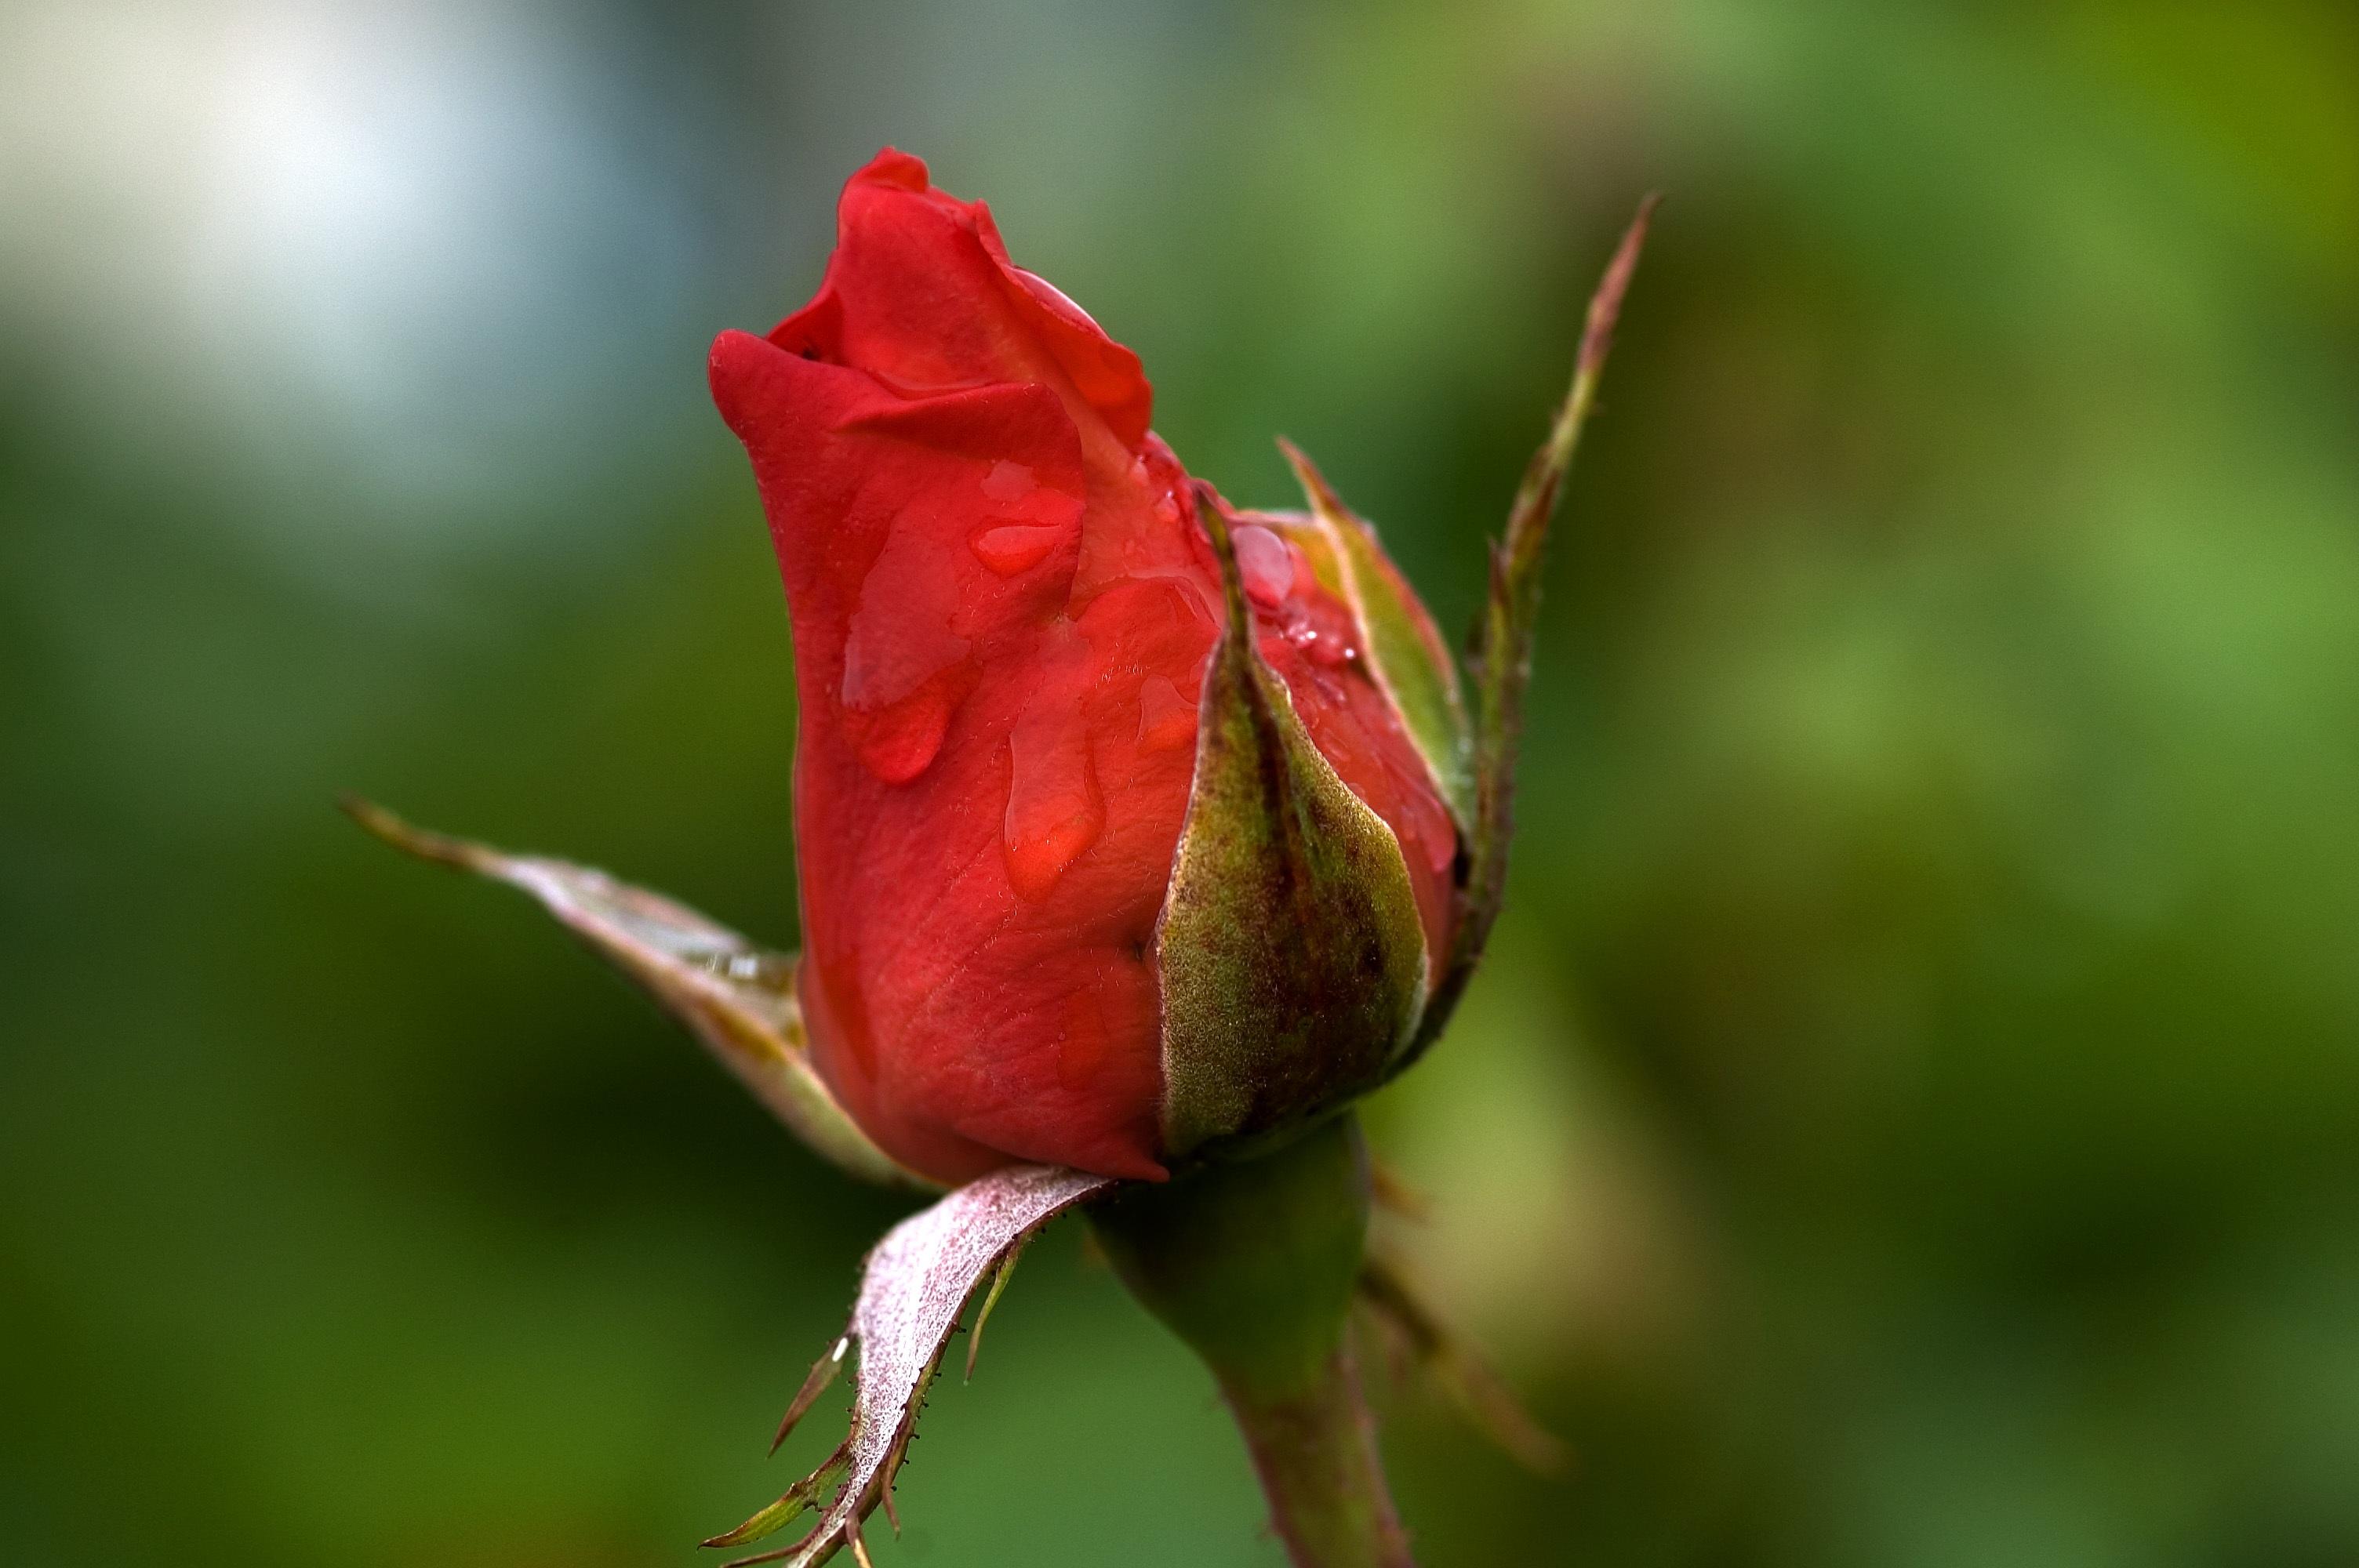 Rose bud photo